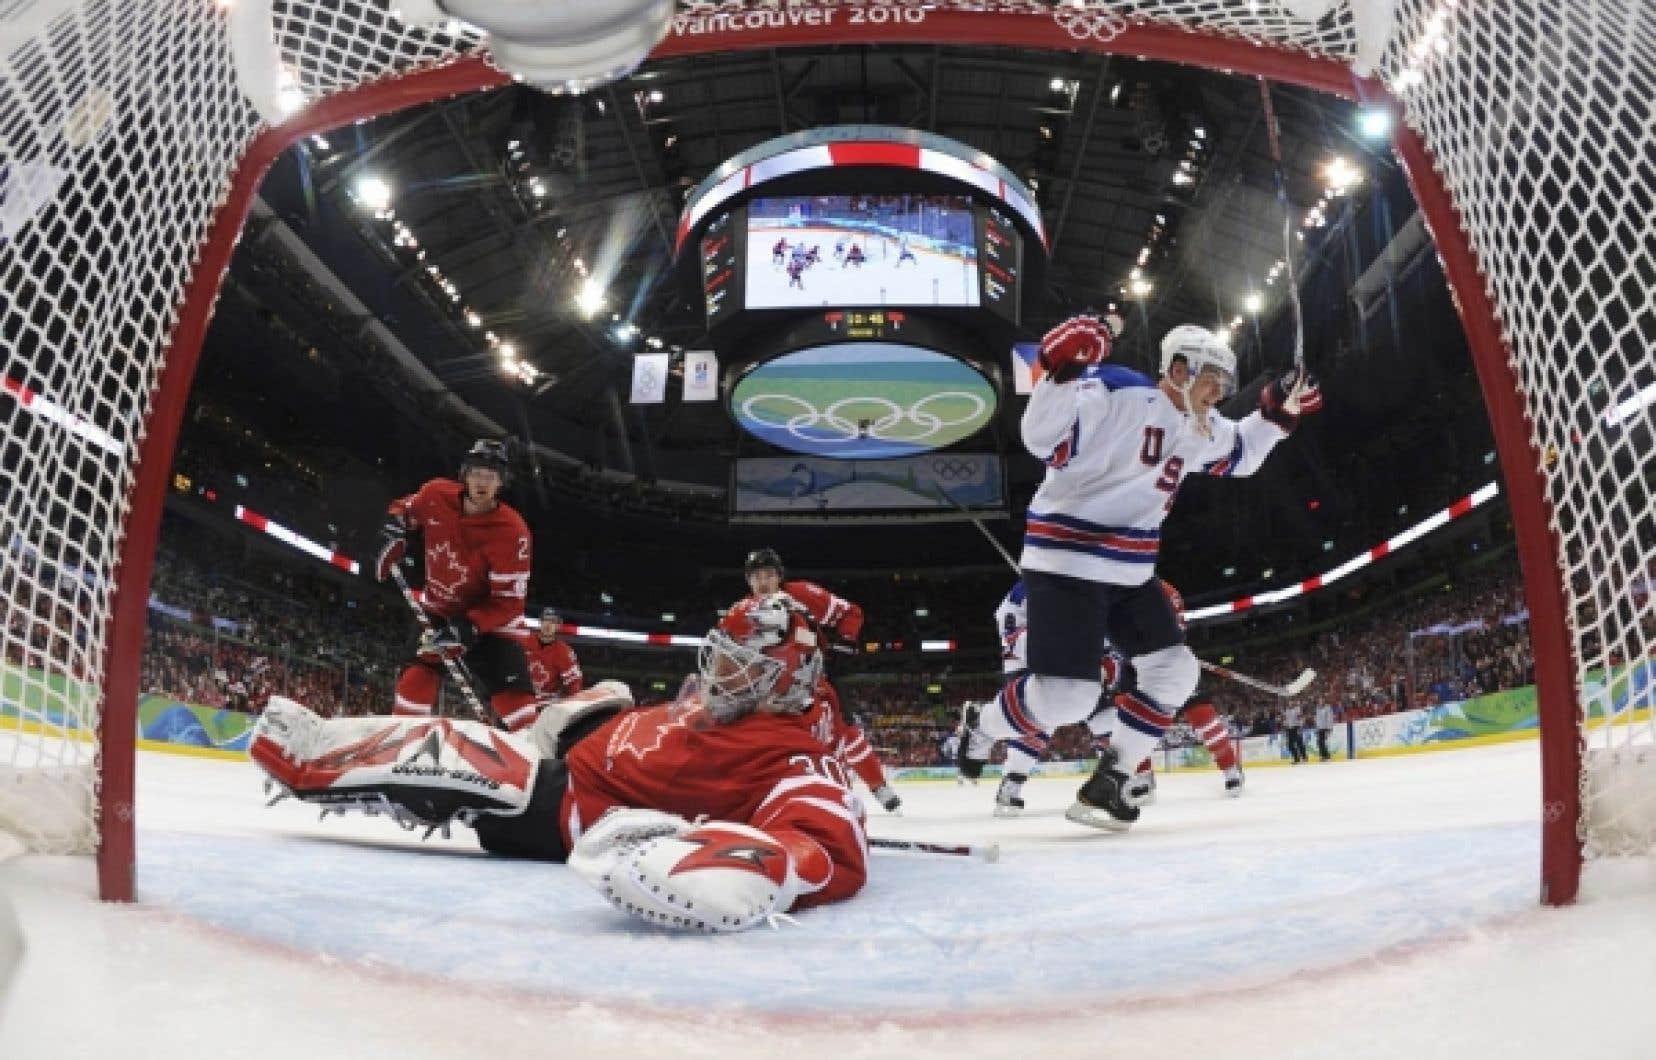 Brian Rafalski, des États-Unis, célèbre l'un de ses deux buts marqués hier aux dépens de Martin Brodeur du Canada.